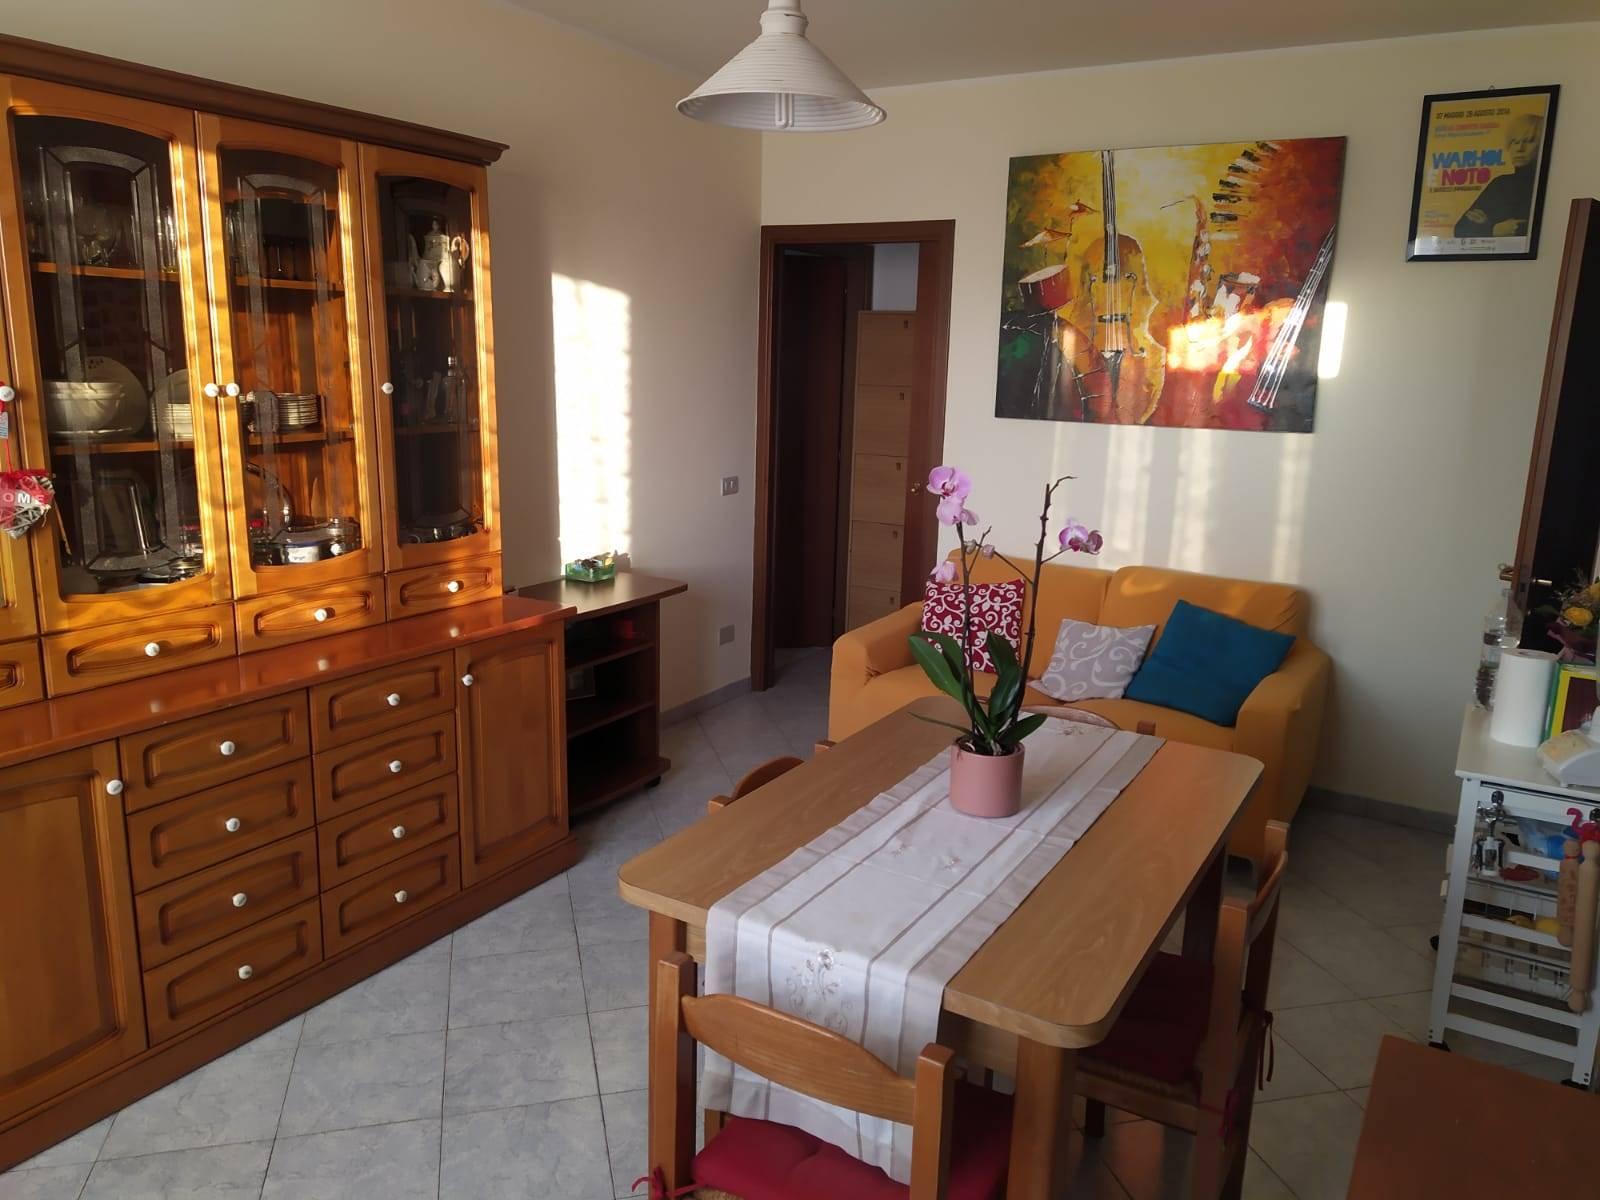 Appartamento in Vendita a Campi bisenzio zona San martino - immagine 4